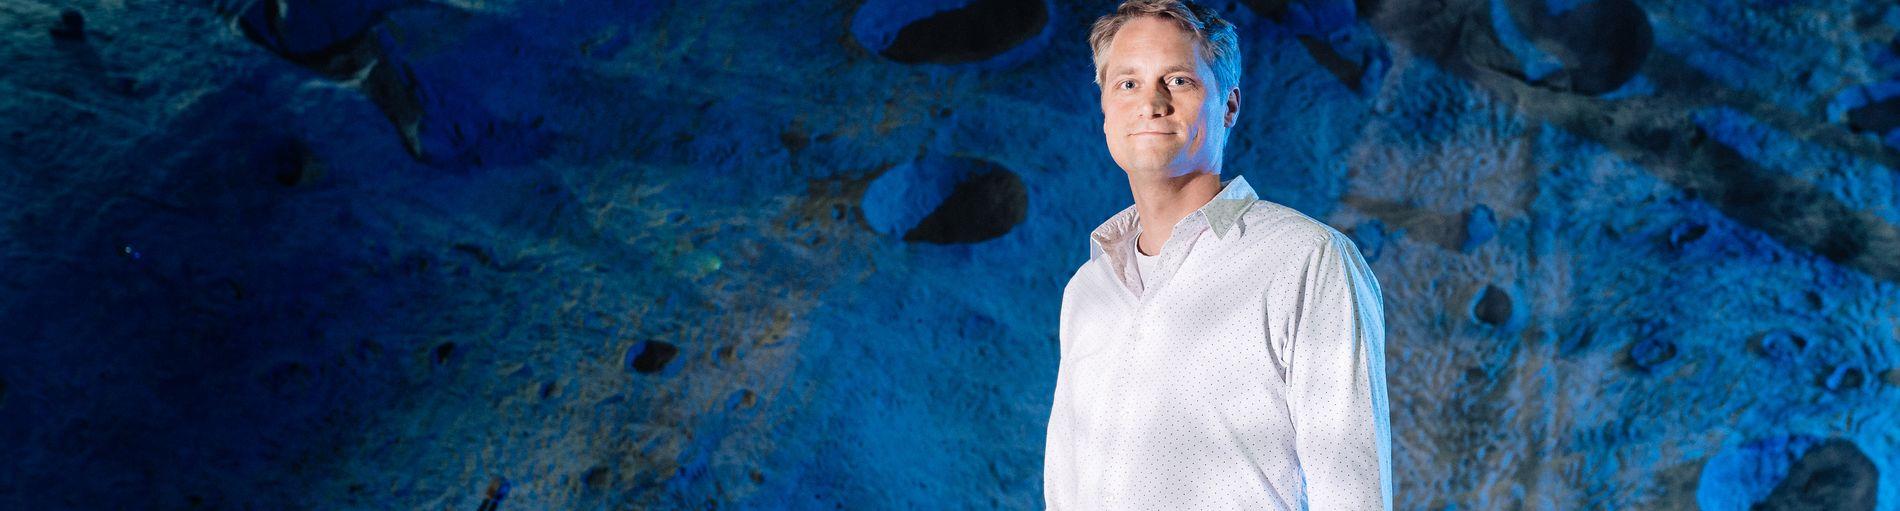 Dr. Sebastian Bartsch vor einem mondähnlichen Hintergrund